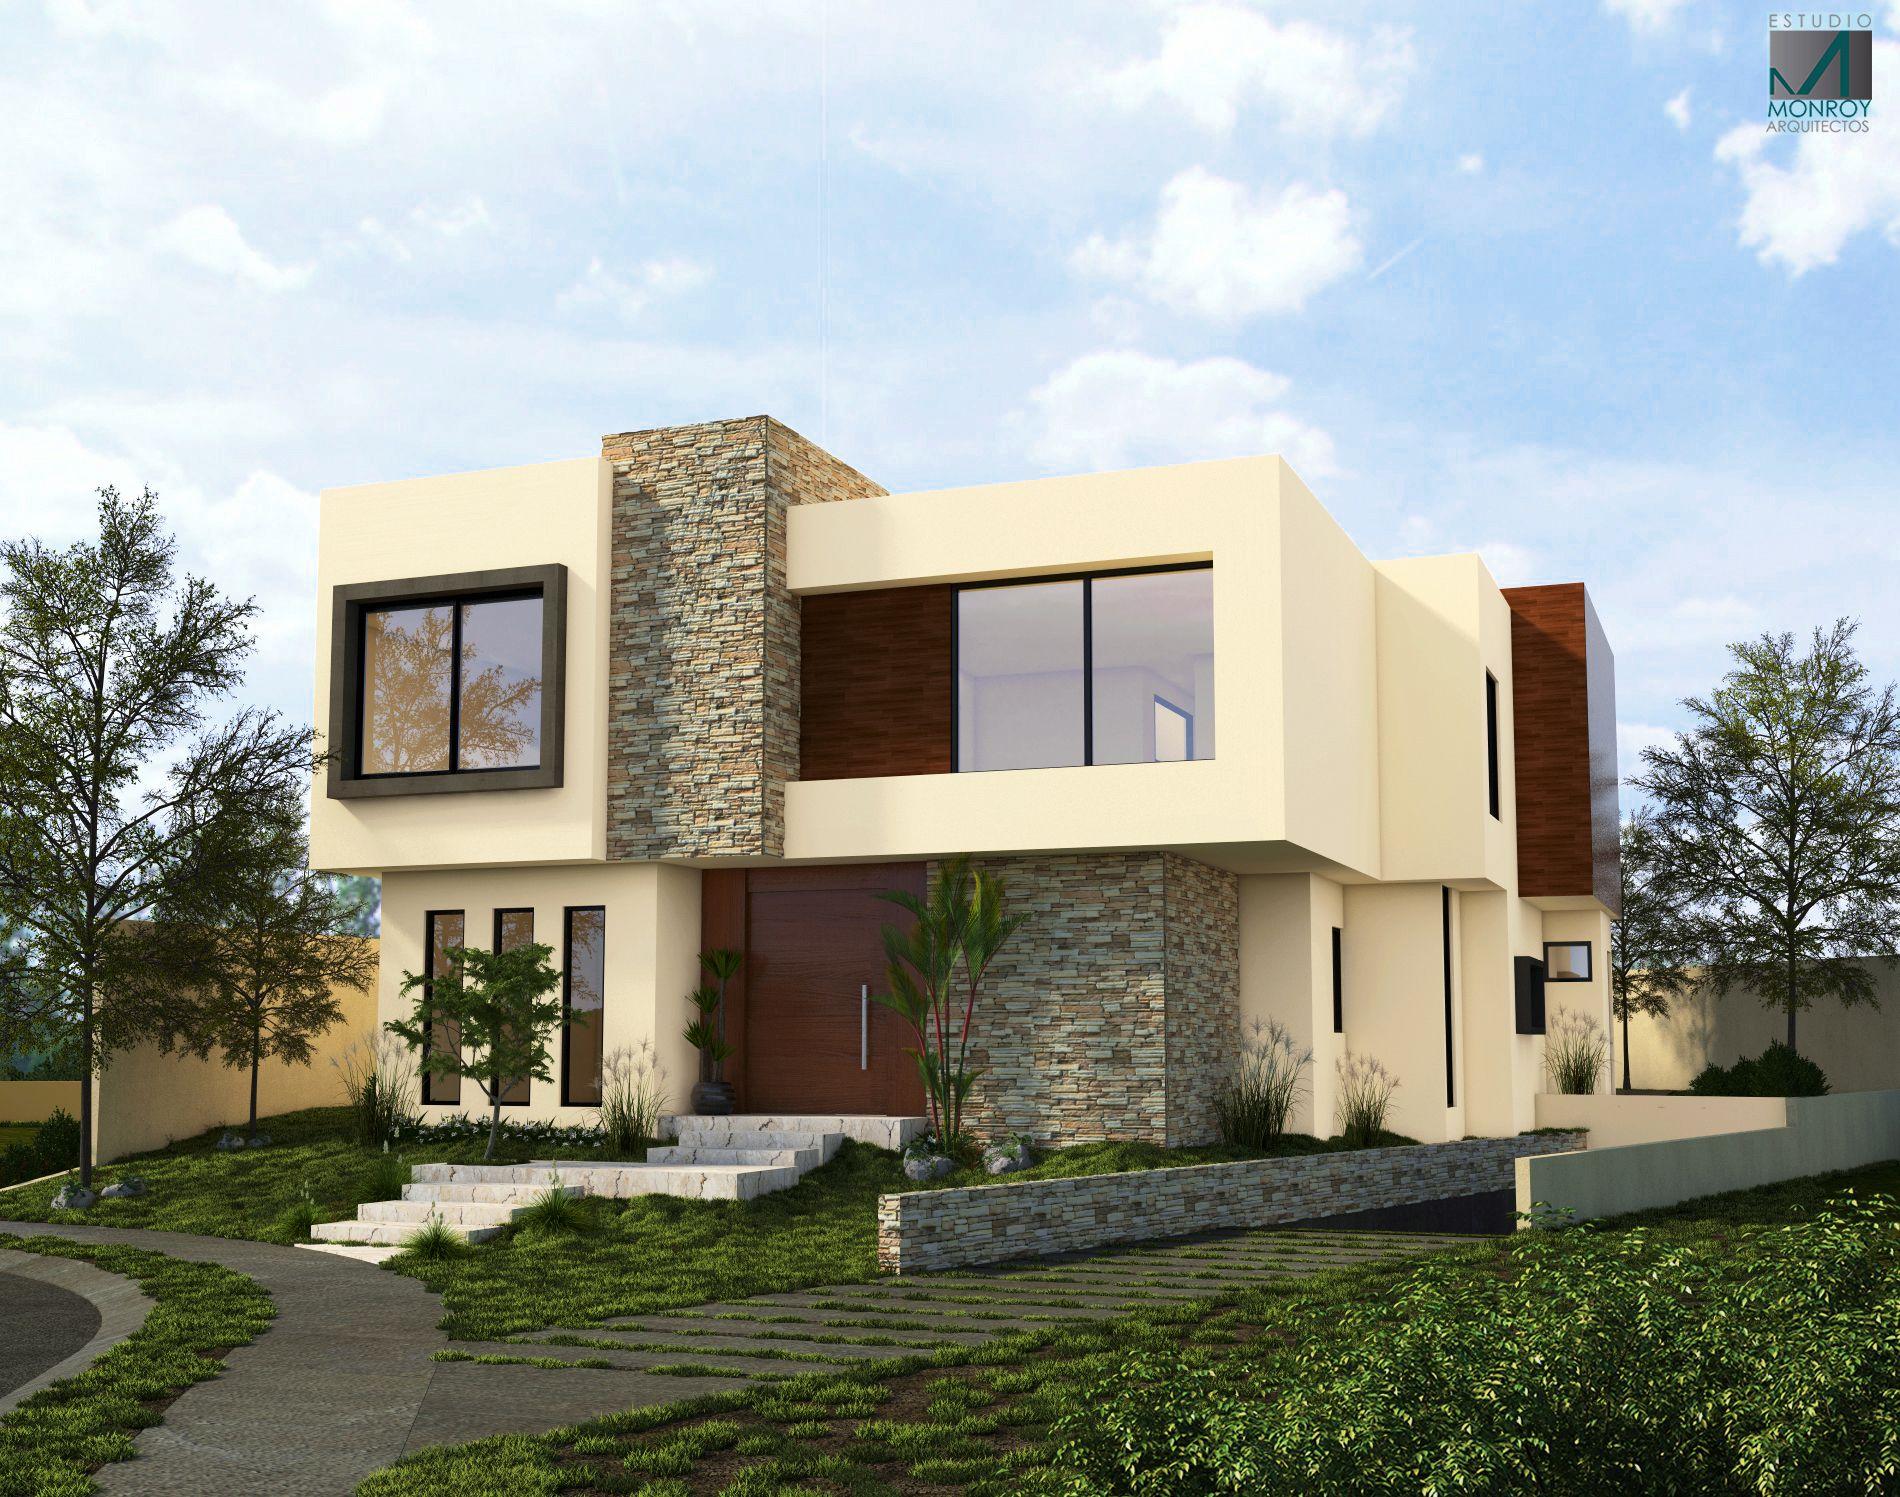 Residencia contemporanea fachada casa residencial pa 08 - Arquitectos casas modernas ...